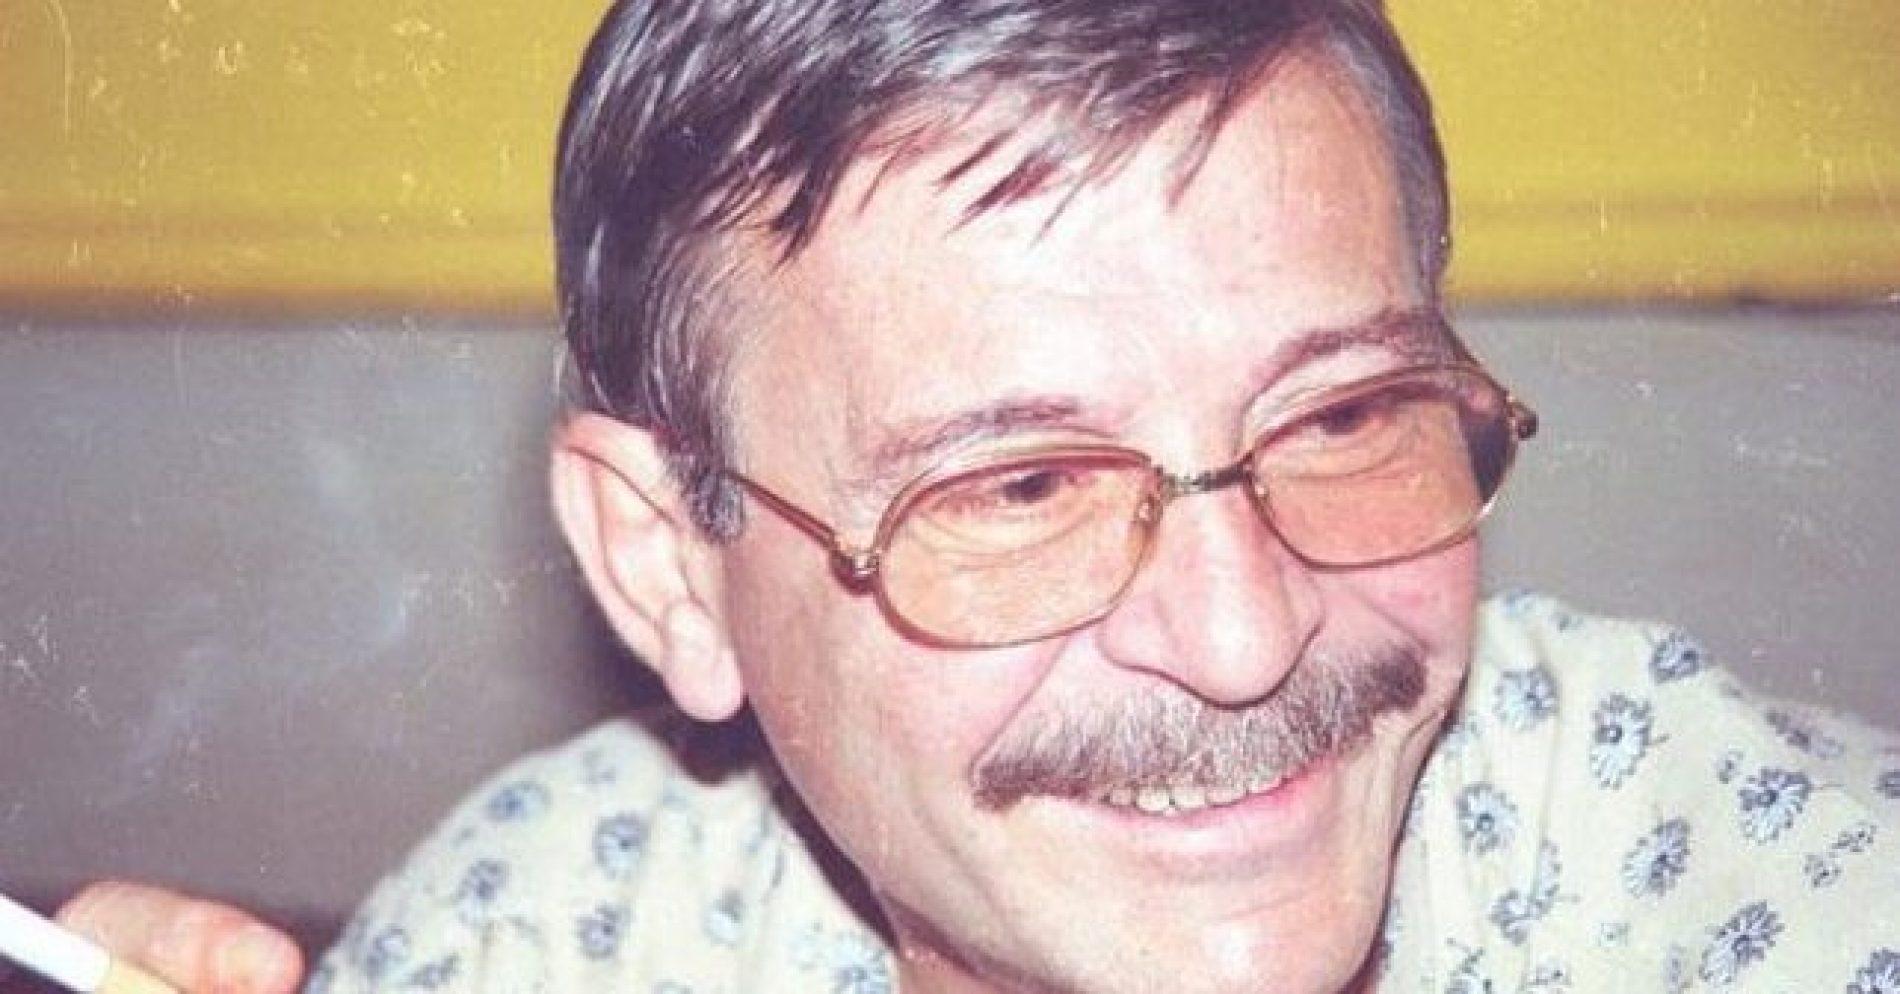 Slušaj, da ti Pjevač nešto kaže: Zašto je Davorin Popović bio toliko voljen i zašto je ostao voljen